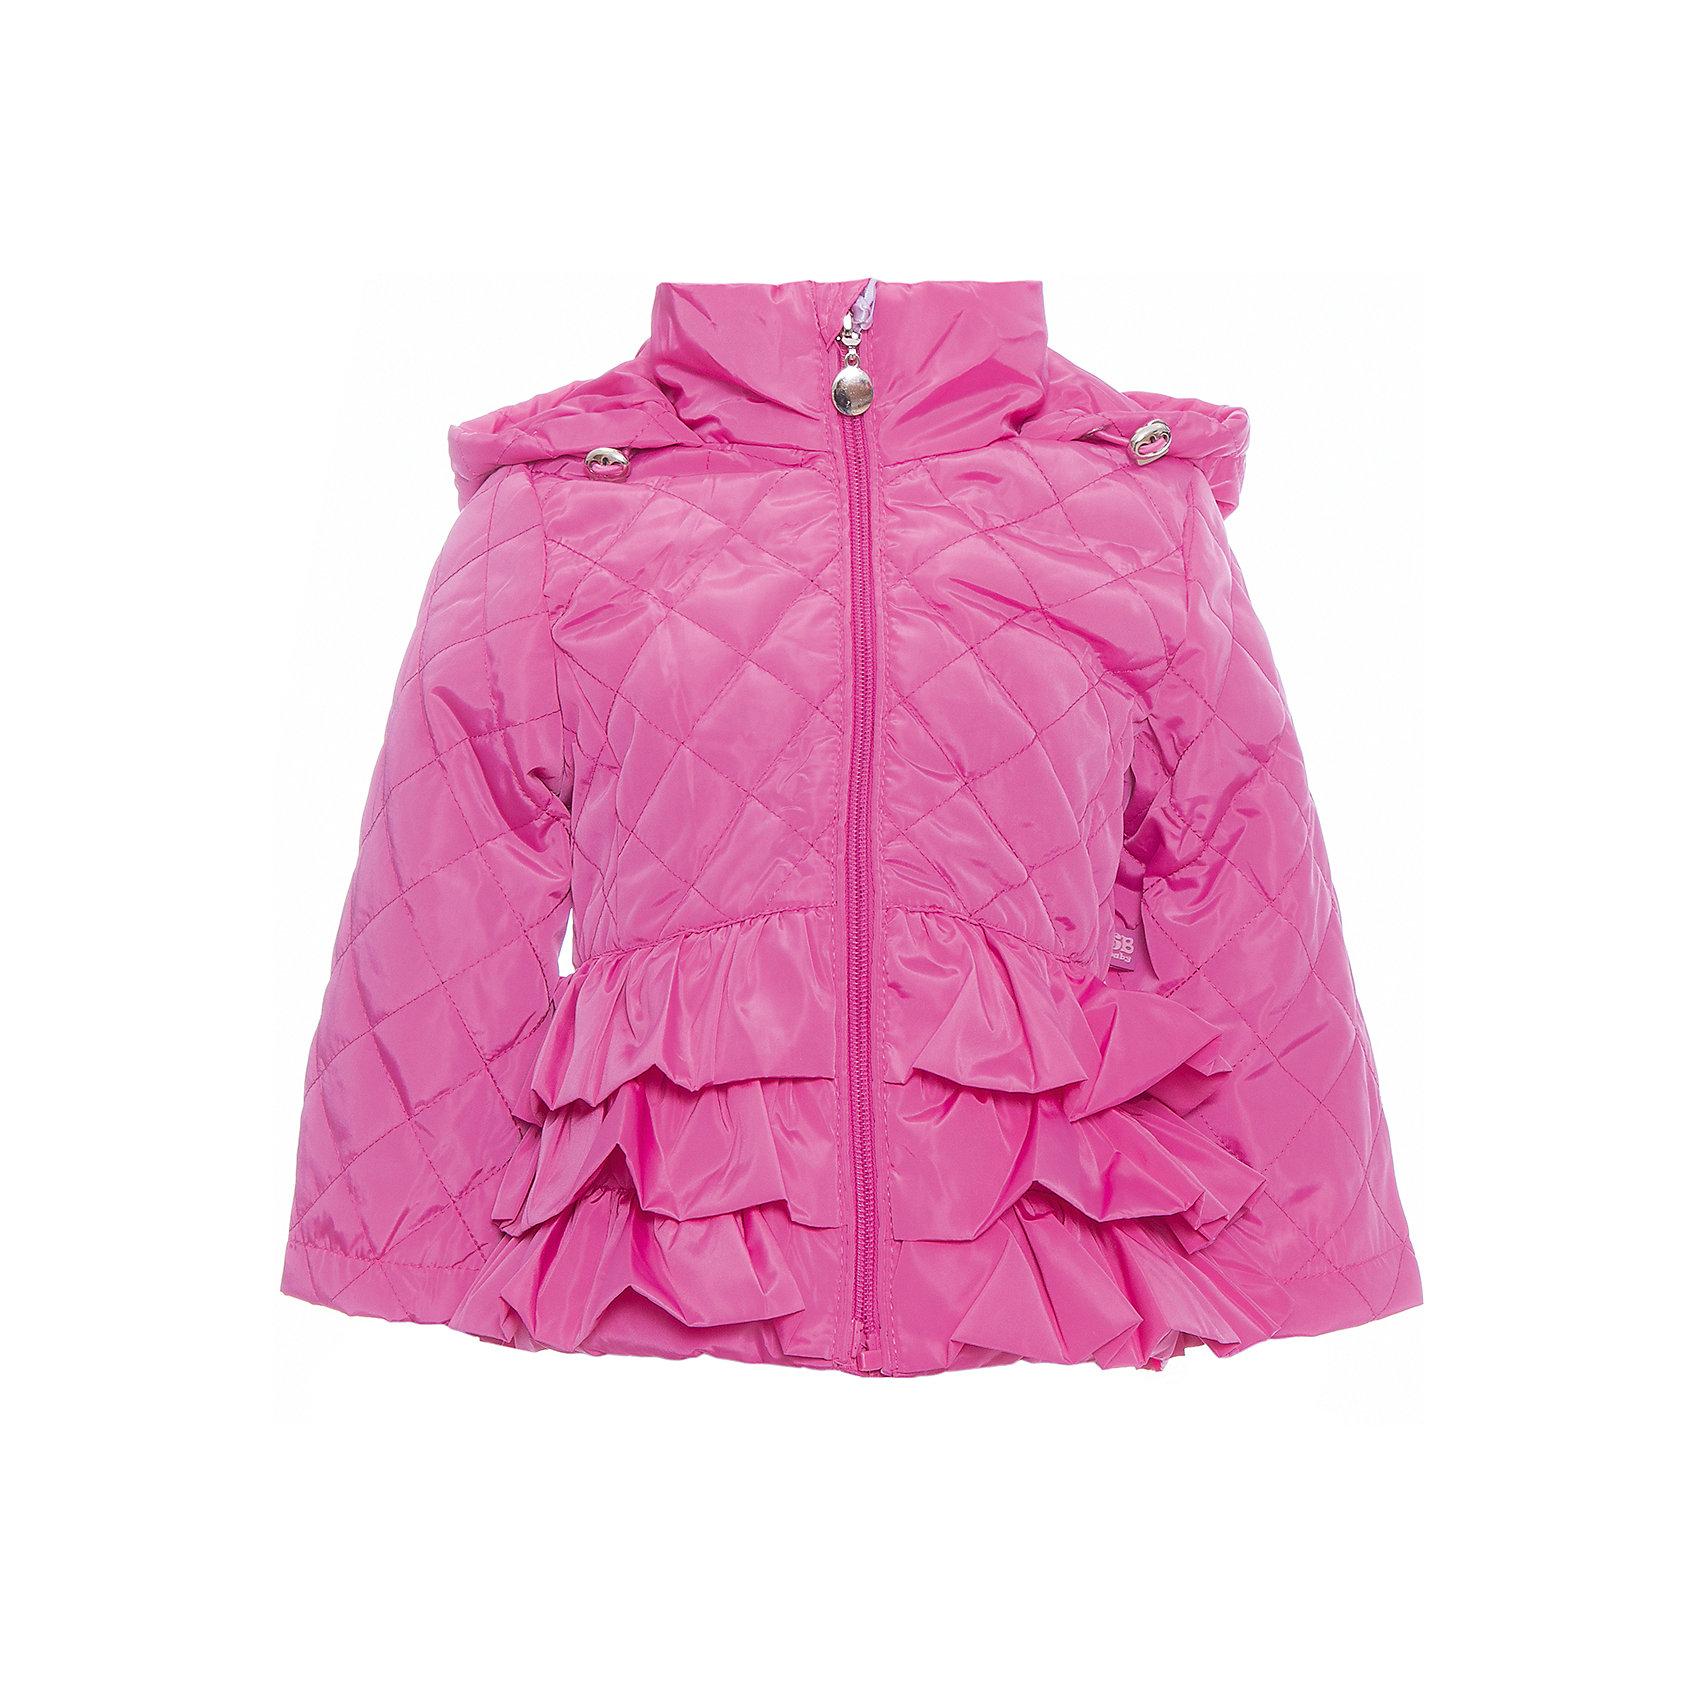 Куртка для девочки Sweet BerryКуртка для девочки от известного бренда Sweet Berry.<br>Состав:<br>Верх: 100%полиэстер. Подкладка: 65%хлопок 35%полиэстер. Наполнитель: 100%полиэстер<br><br>Ширина мм: 356<br>Глубина мм: 10<br>Высота мм: 245<br>Вес г: 519<br>Цвет: фиолетовый<br>Возраст от месяцев: 12<br>Возраст до месяцев: 15<br>Пол: Женский<br>Возраст: Детский<br>Размер: 80,86,92,98<br>SKU: 5411222